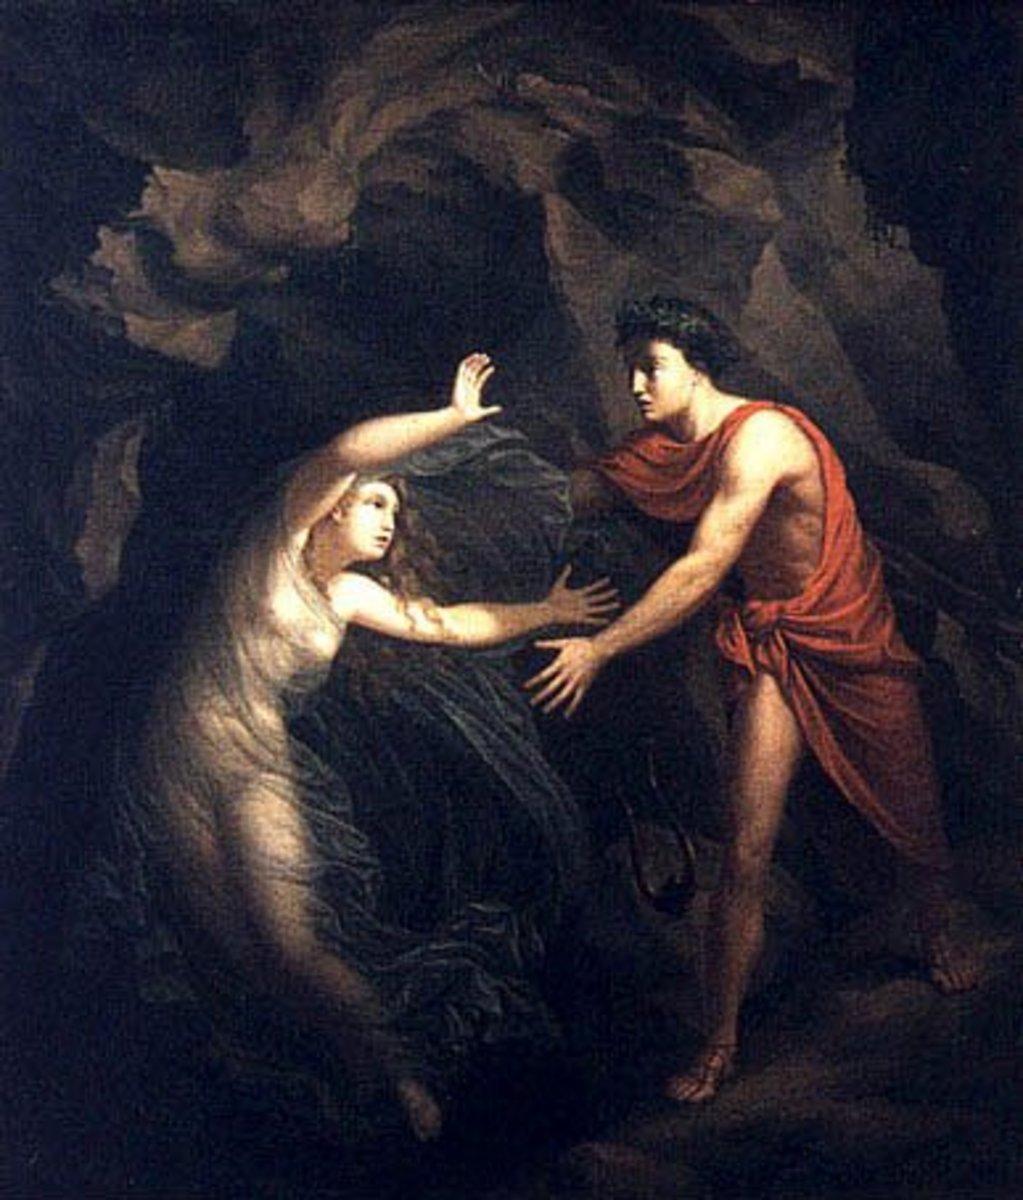 Greek Mythology: Orpheus and Eurydice